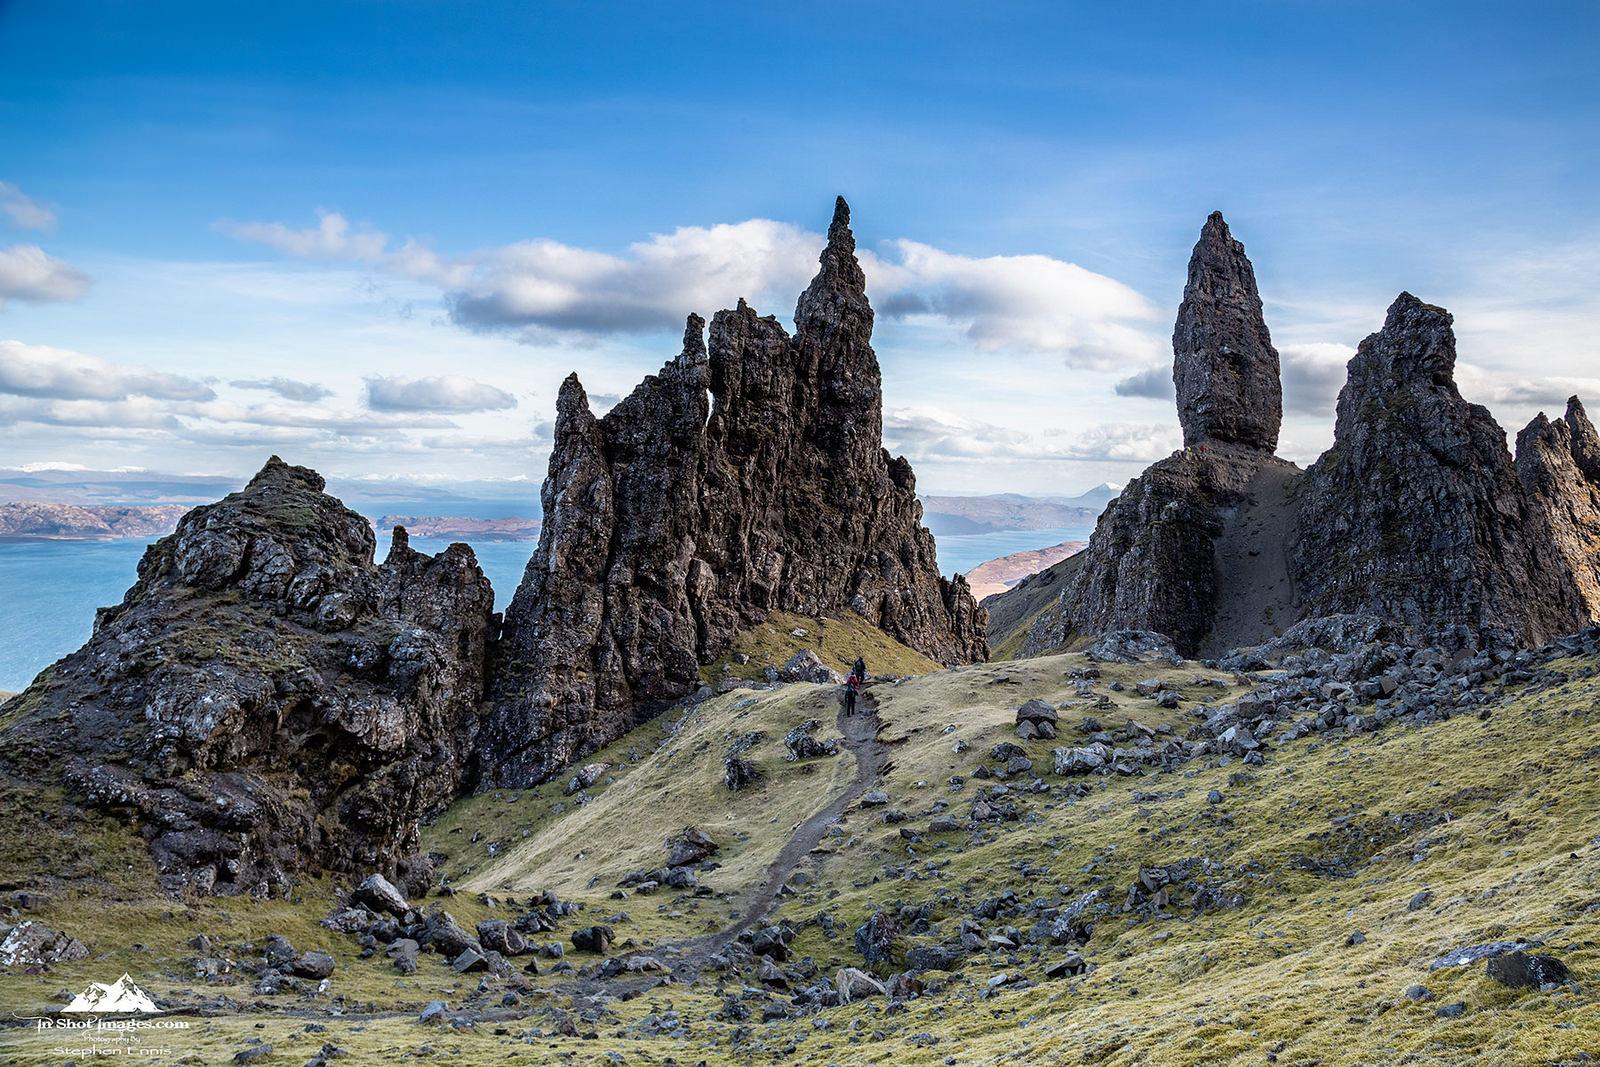 Montañas rocosas - 1600x1067